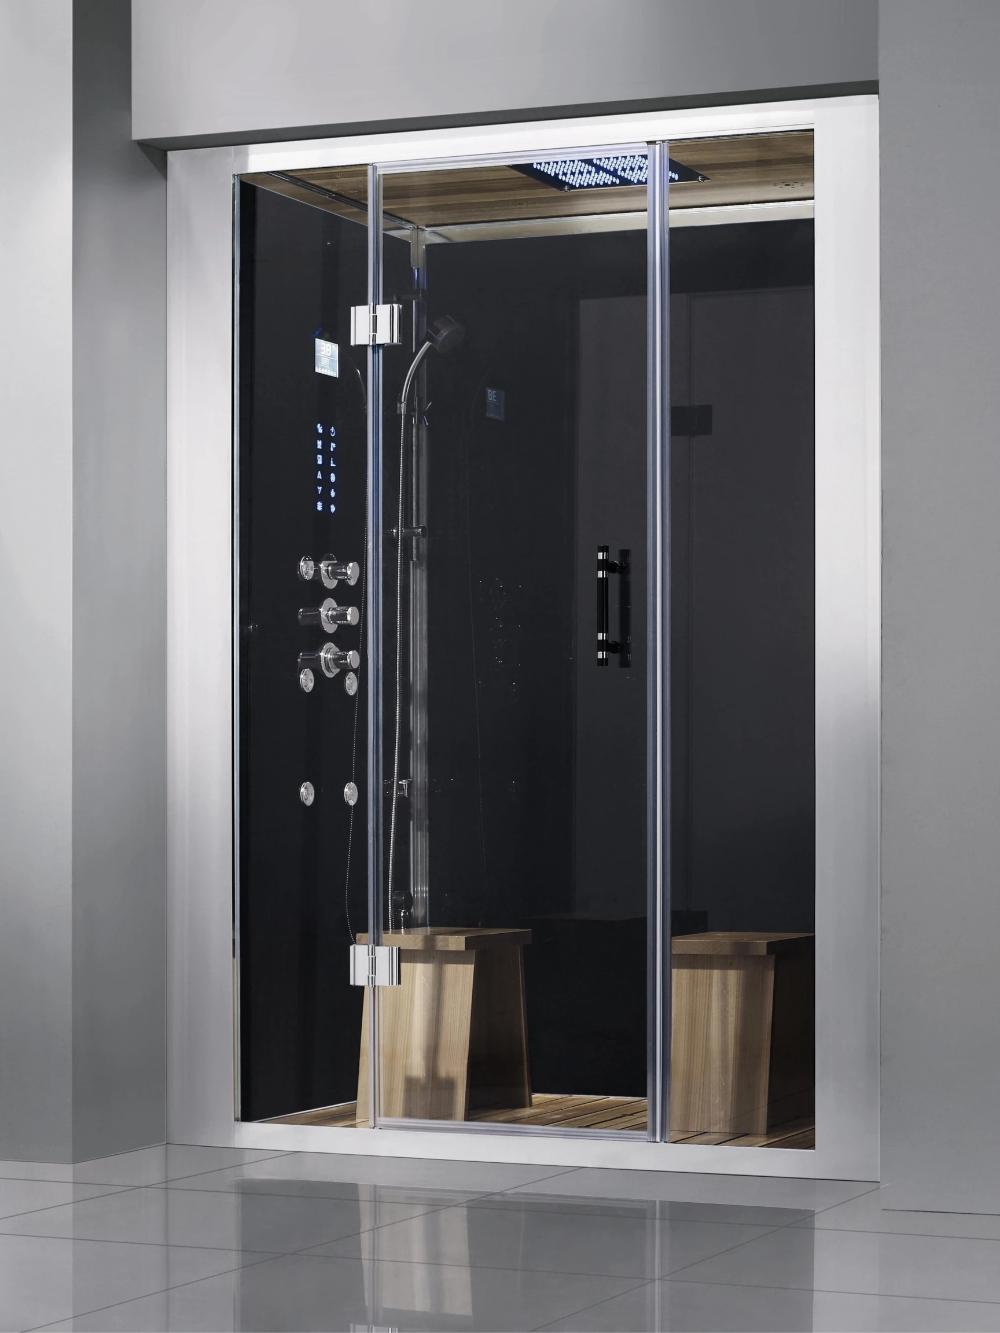 Athena Ws 112 Steam Shower 59 L X 36 W X 89 H Steam Shower